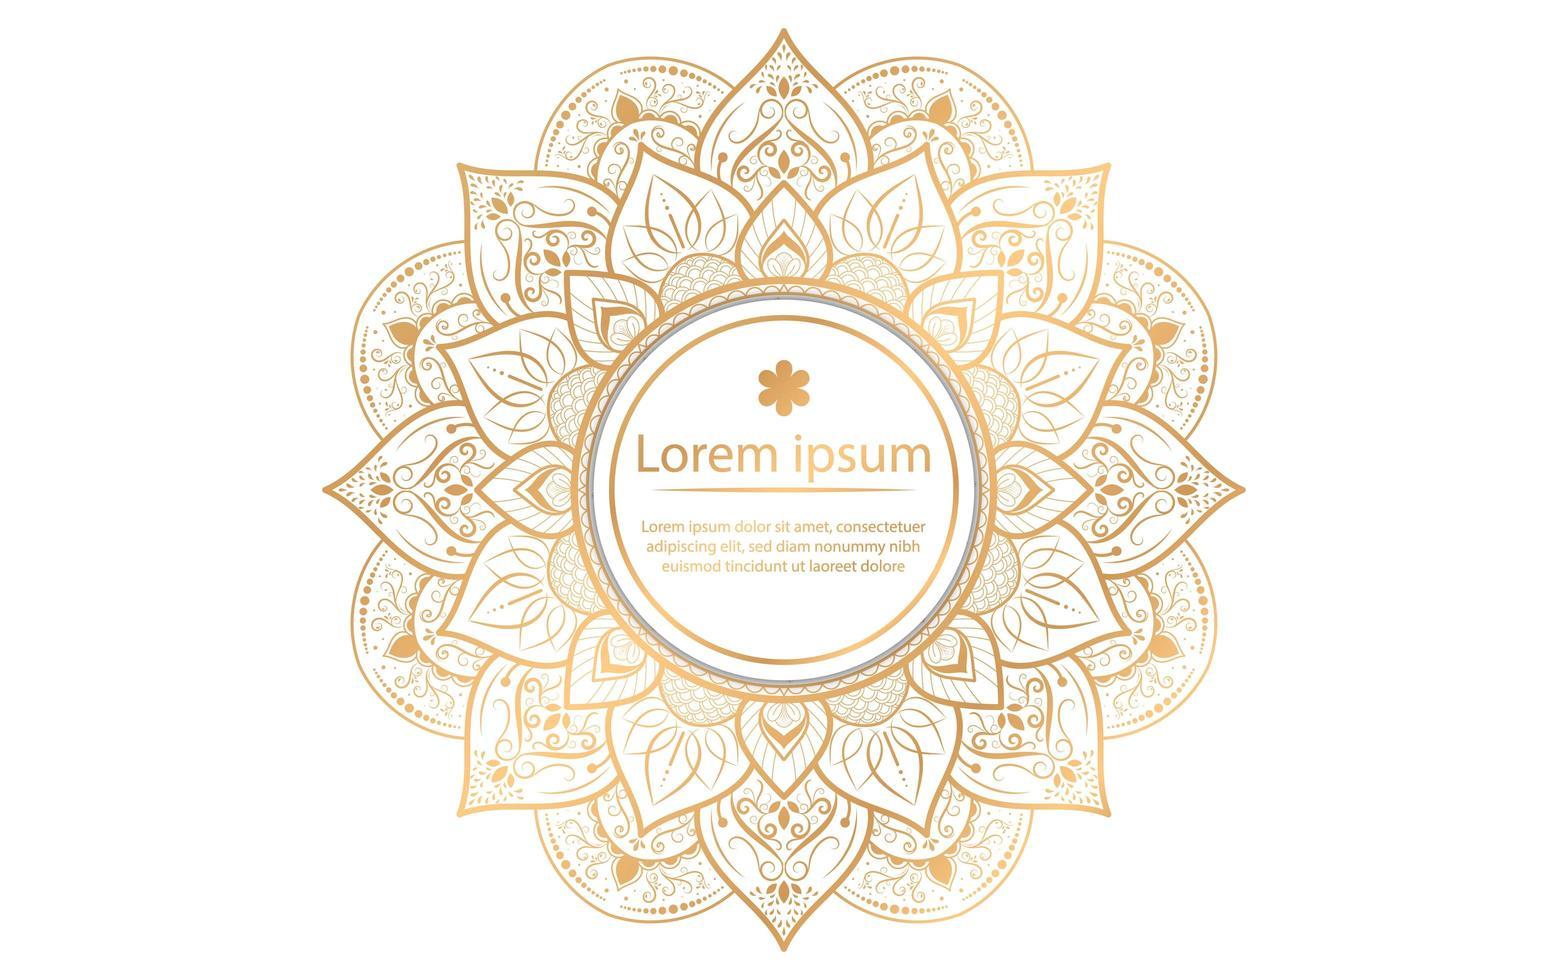 diseño de mandala vintage dorado con círculo en el centro vector